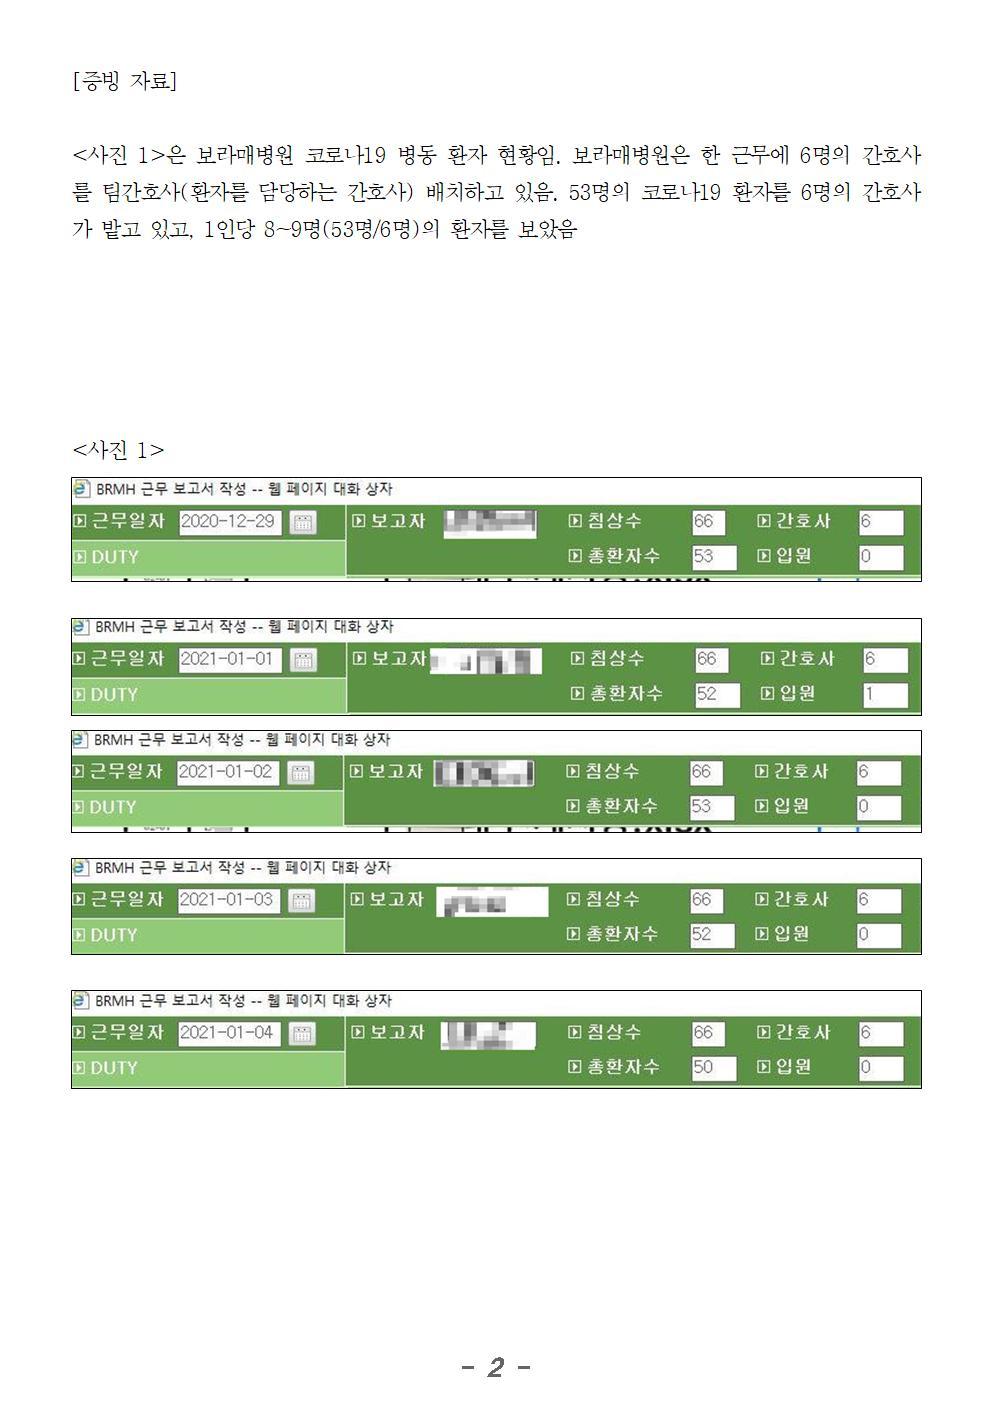 20210114_보라매병원_허위_주장에_대한_반박_의료연대본부_서울지역지부002.jpg